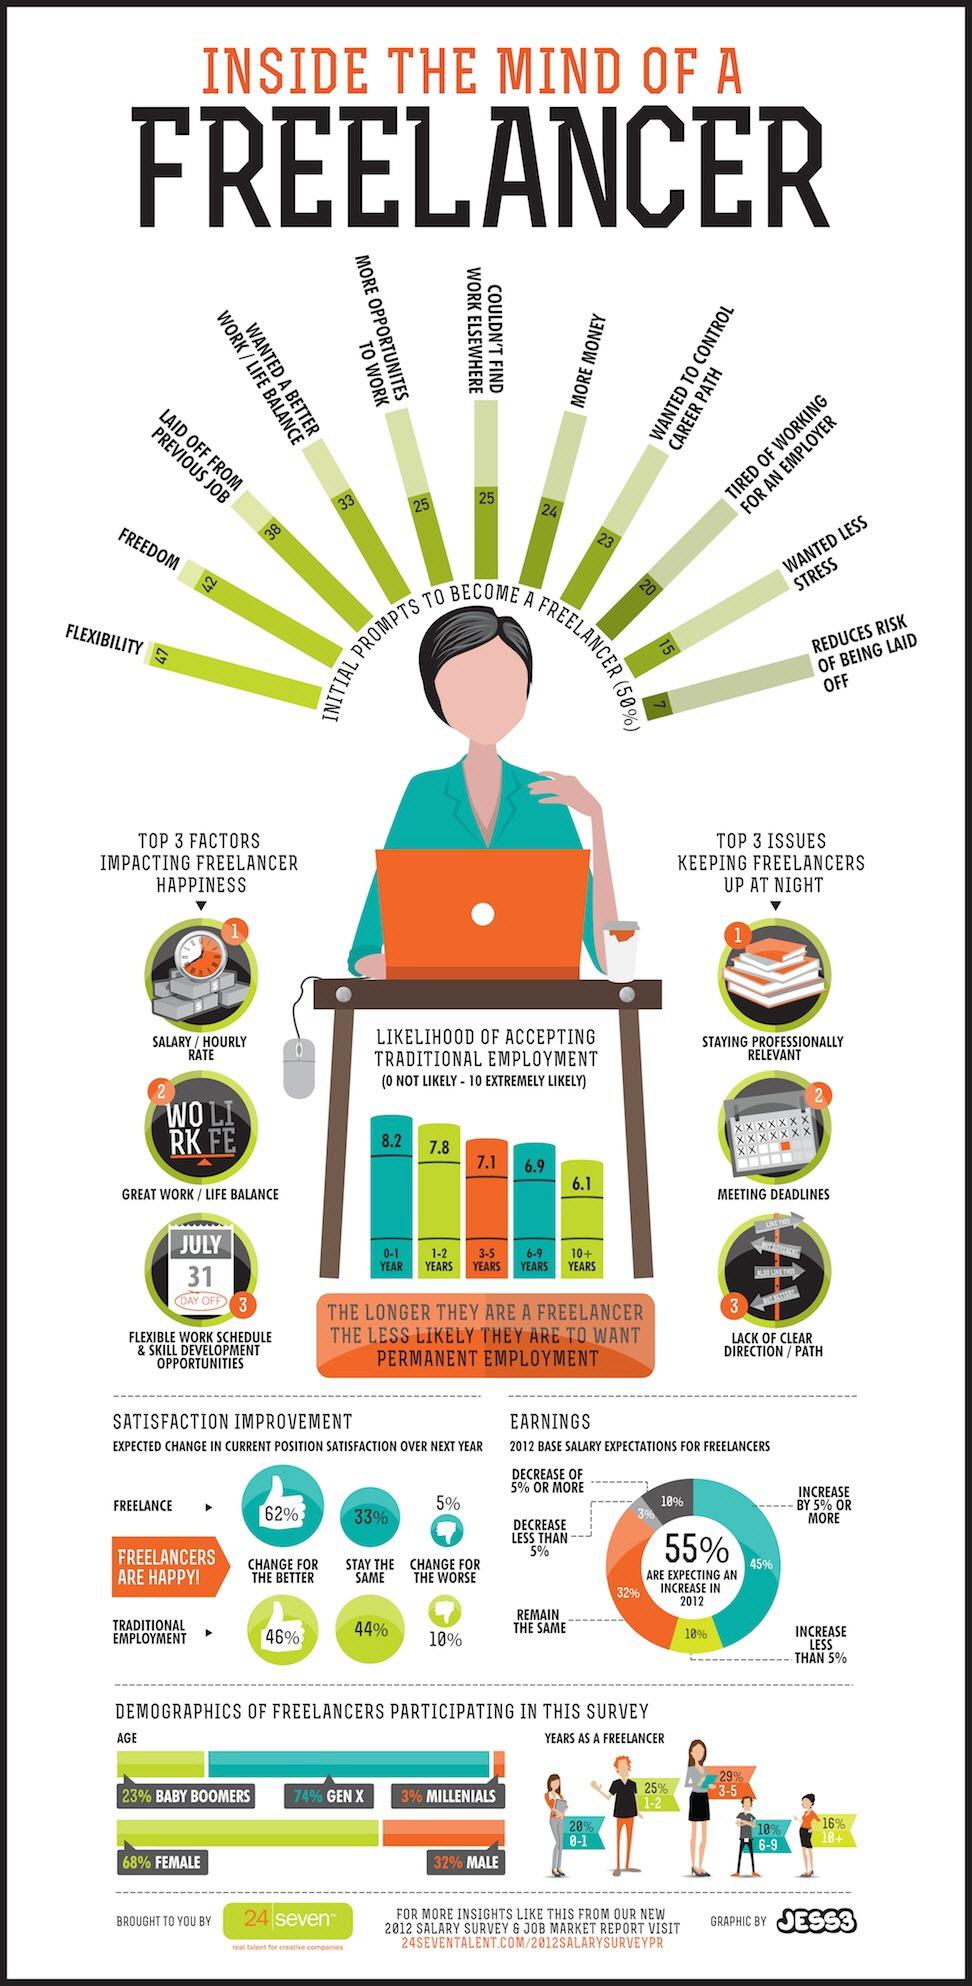 Neden Freelance Çalışmayı Tercih Ediyoruz?